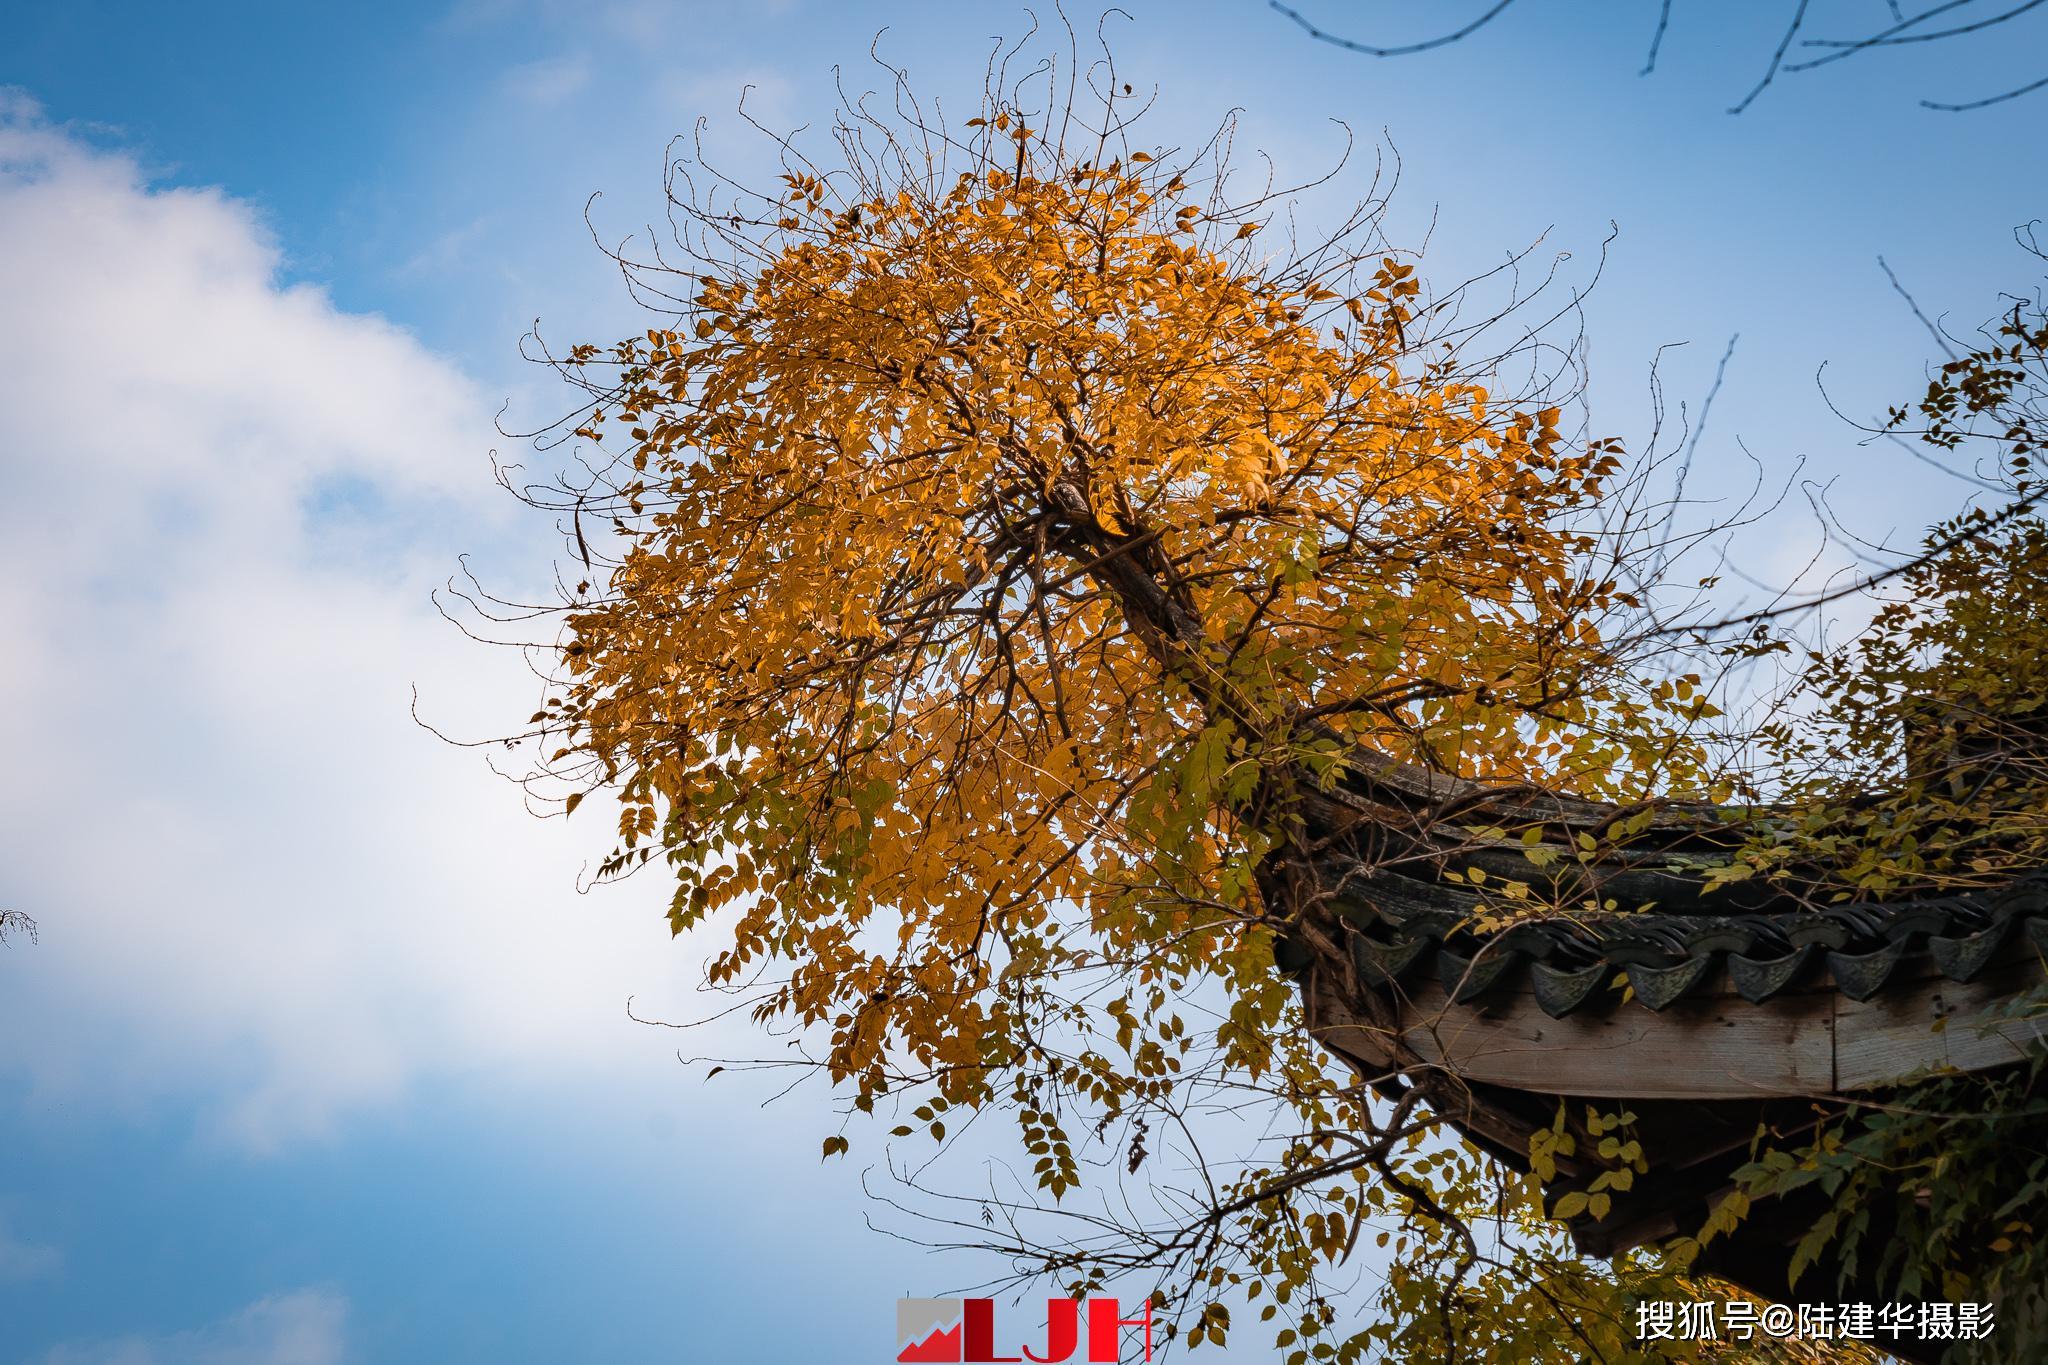 建于明朝的碧山吟社,是无锡现存最早的山际园林_秦金